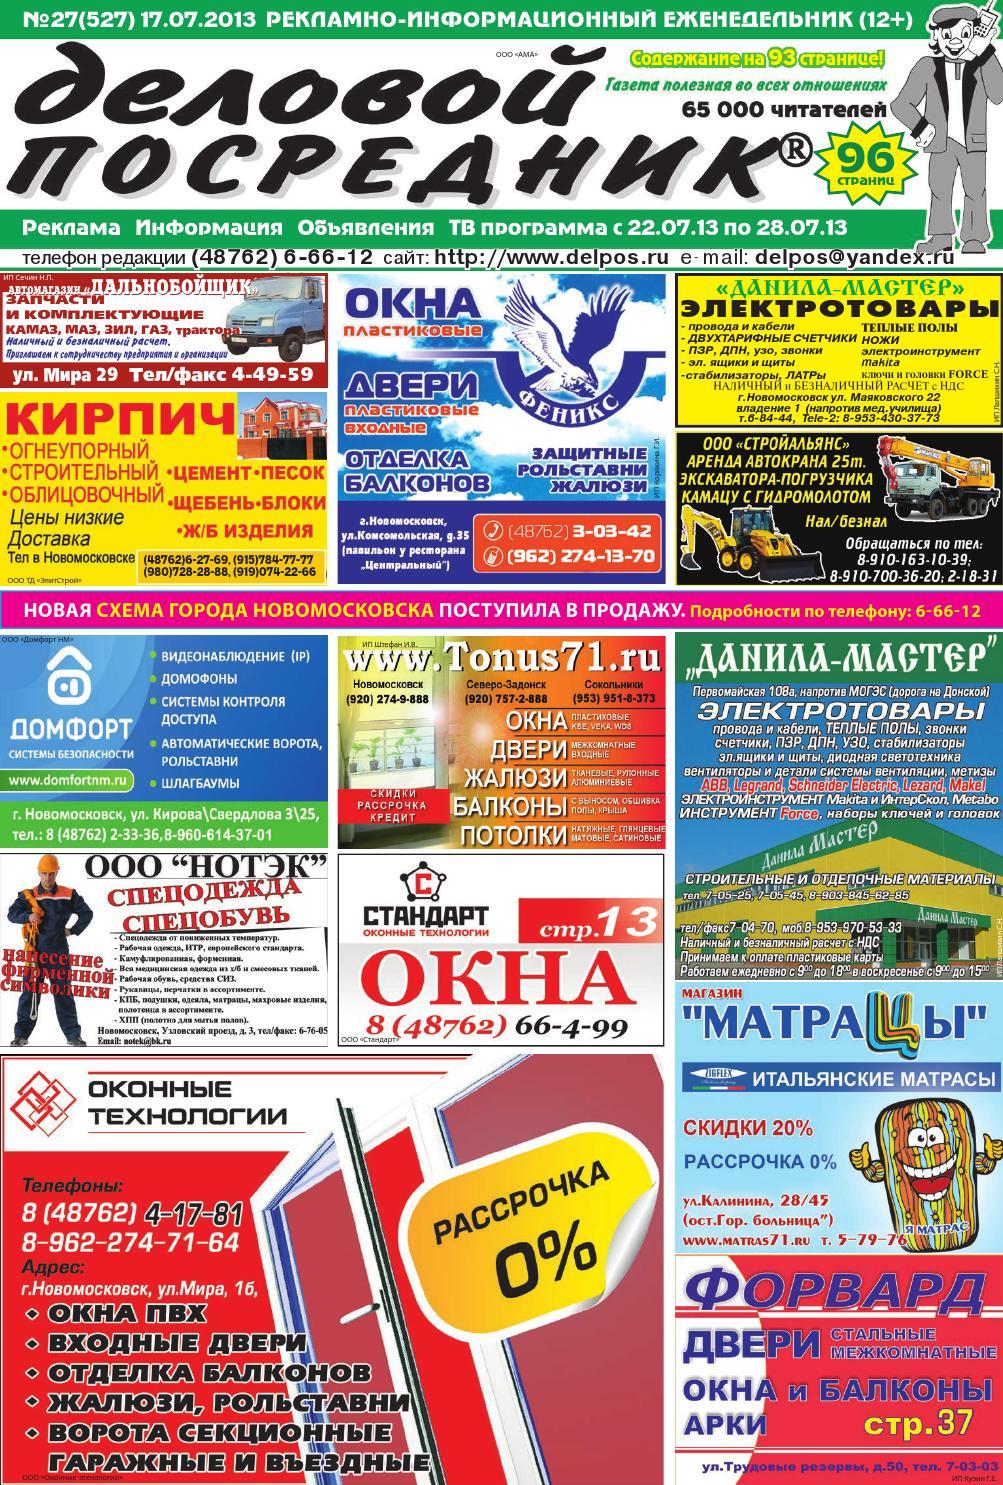 Зенит- ювентус прЯмаЯ транслЯциЯ 10. 12. 08г